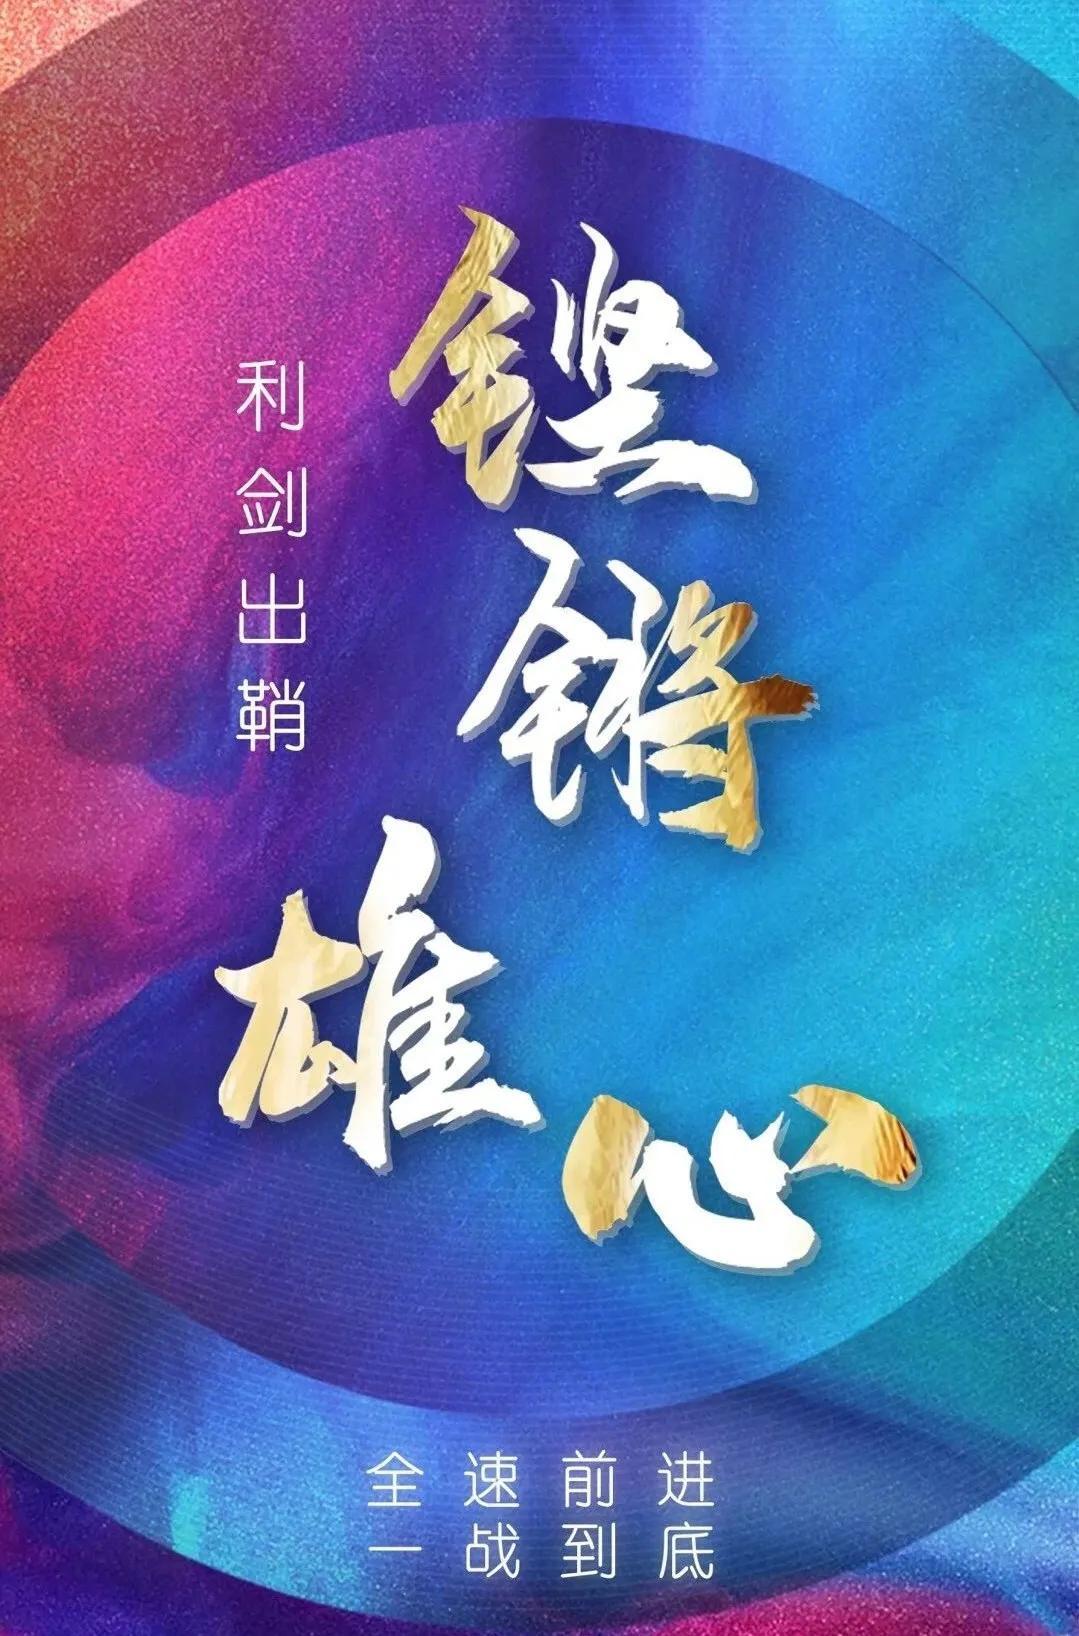 铿锵雄心|中联立信莆田分公司三店齐开,全城瞩目!(图48)